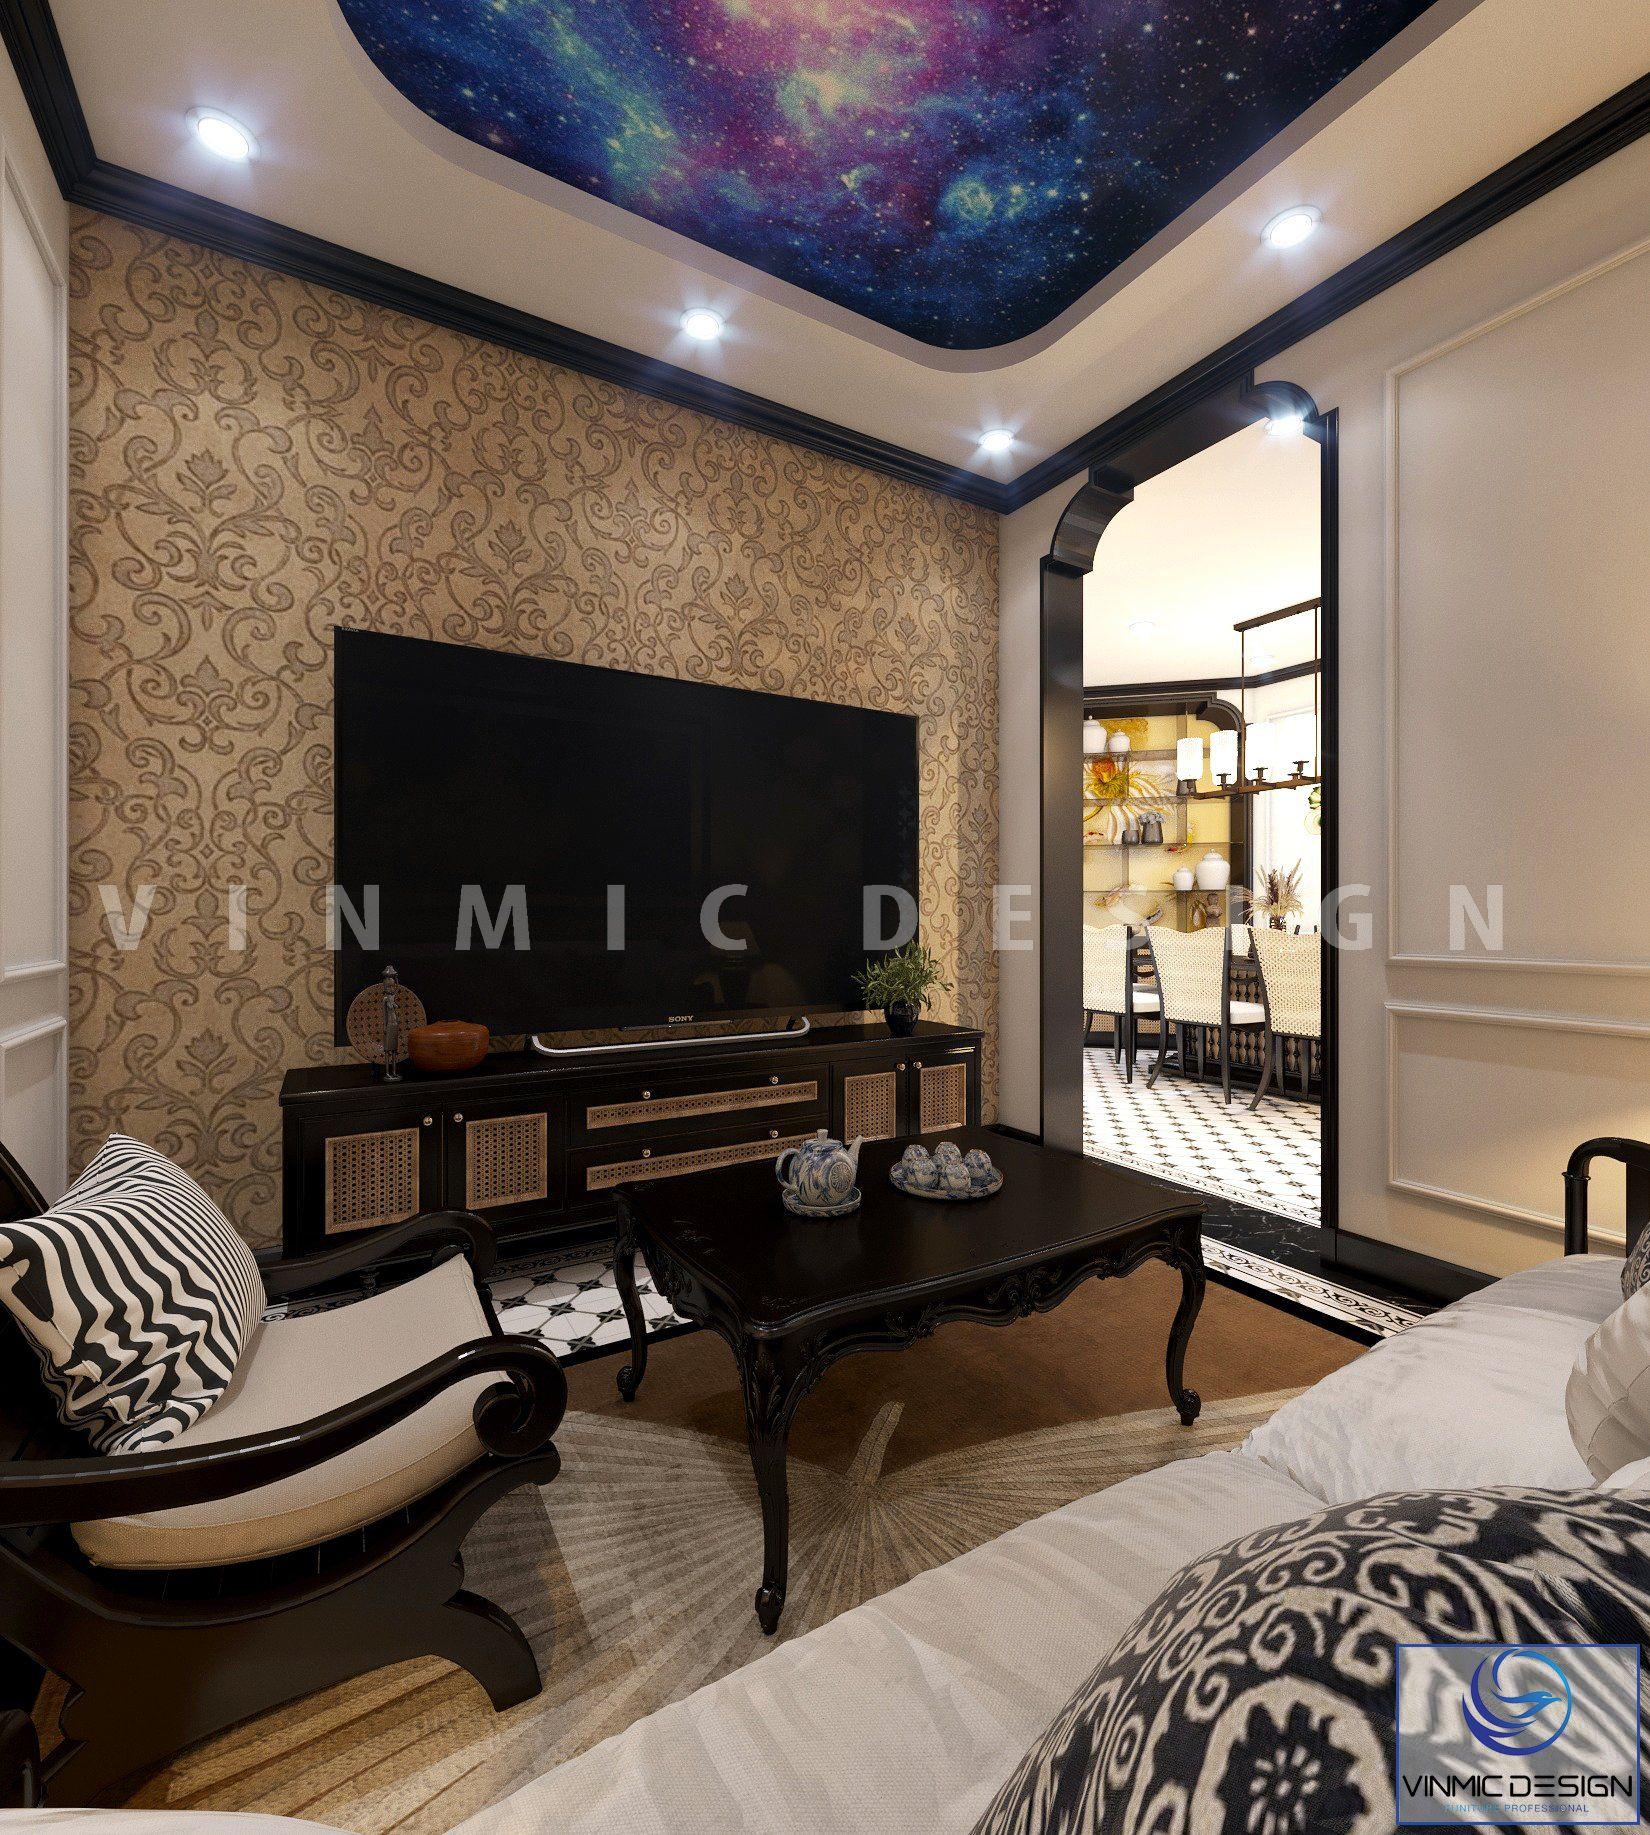 Sự khéo léo trong cách sắp xếp và chọn nội thất đã mang đến cho căn hộ một vẻ đẹp sang trọng và tiện nghi cho căn hộ tại Sunshine Garden